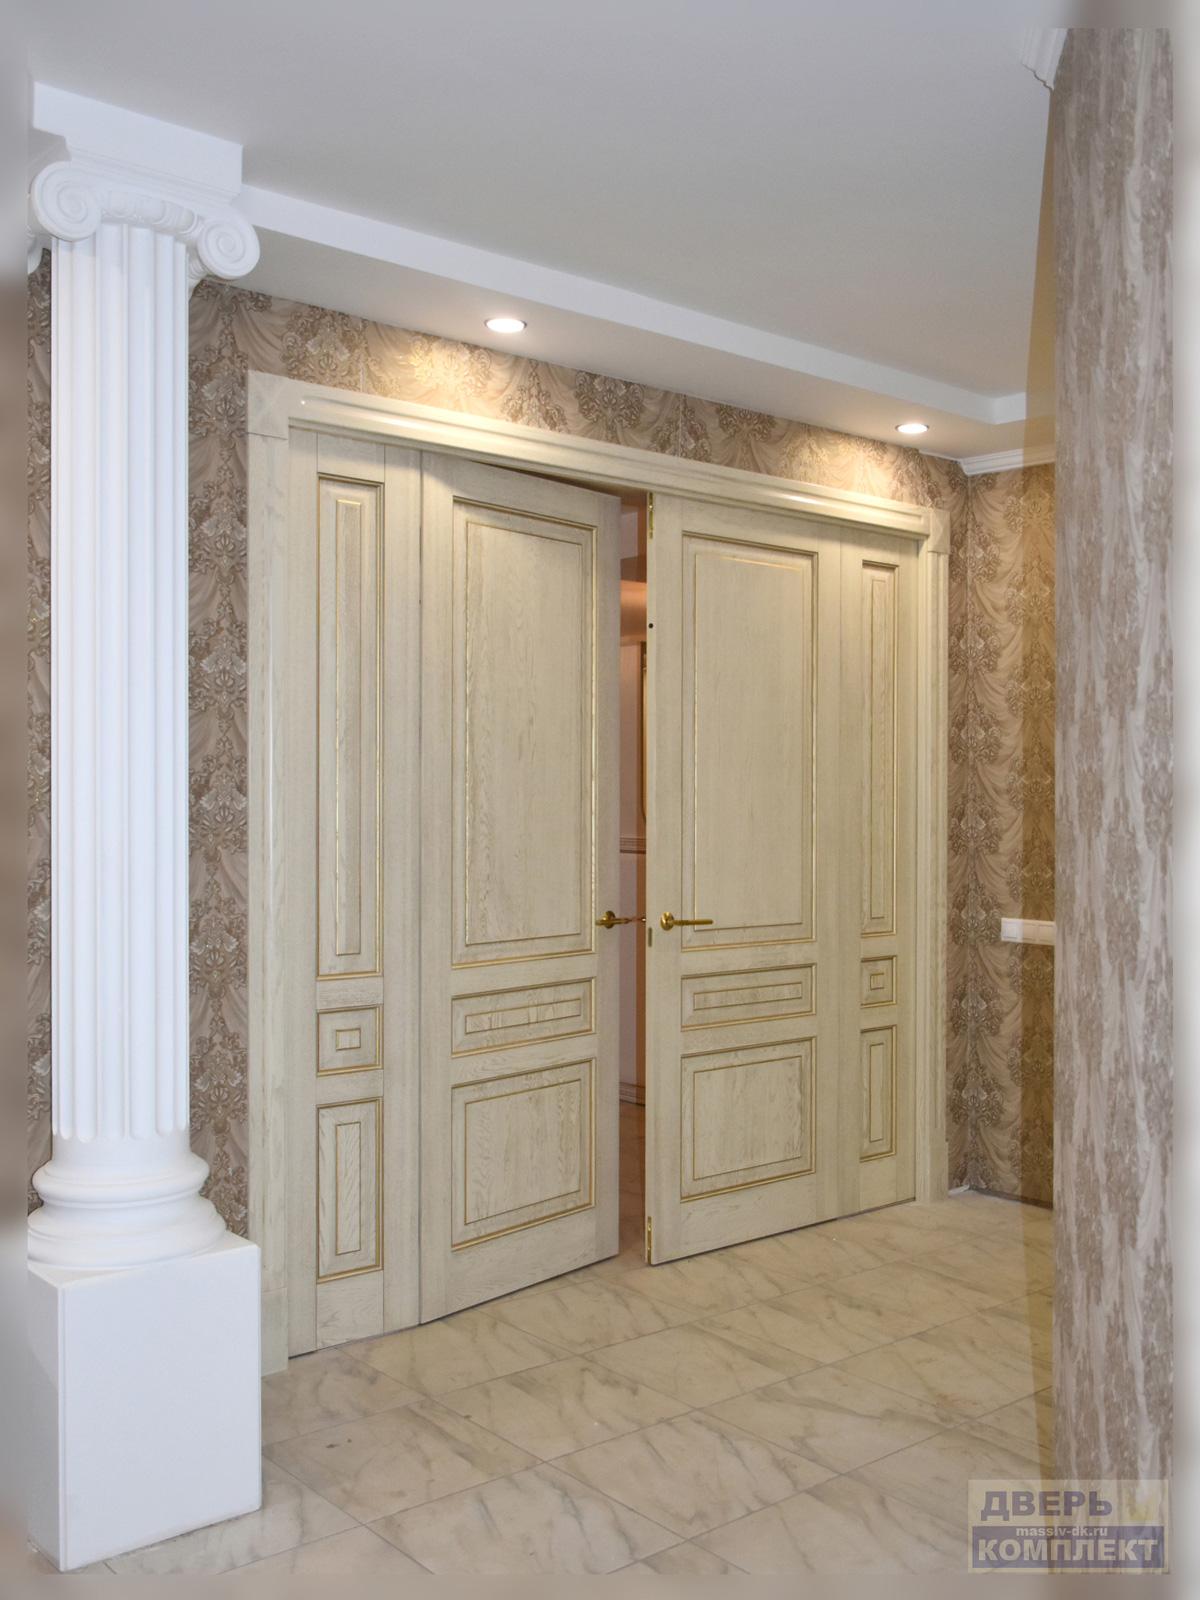 Дверь из массива дерева Стефана в интерьере